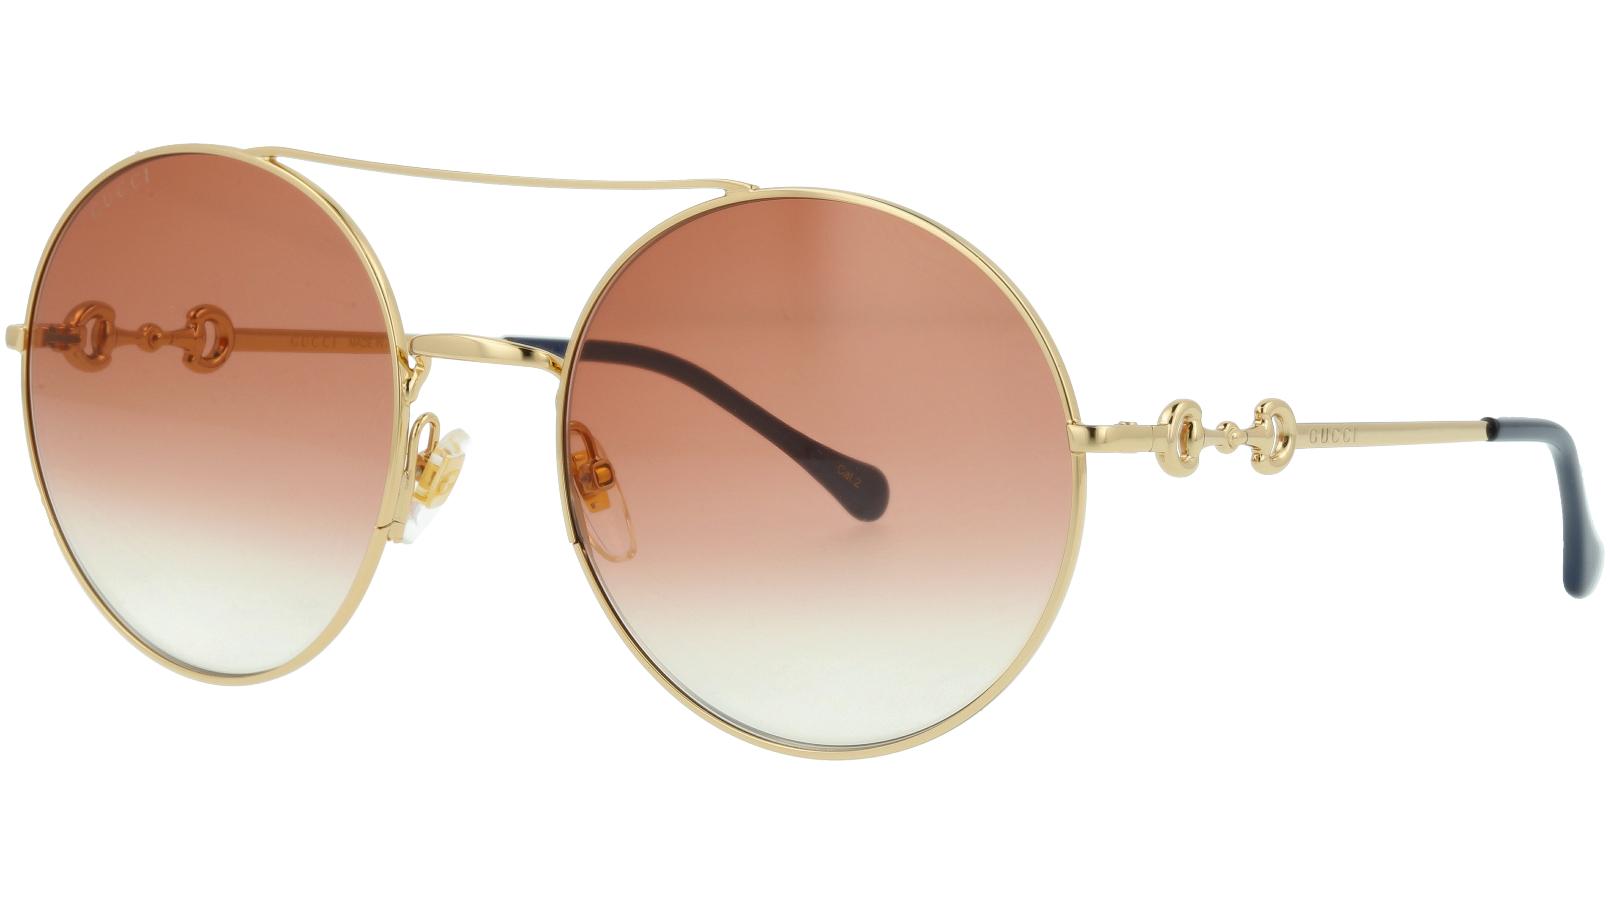 Gucci GG0878S 003 59 Gold Round Sunglasses